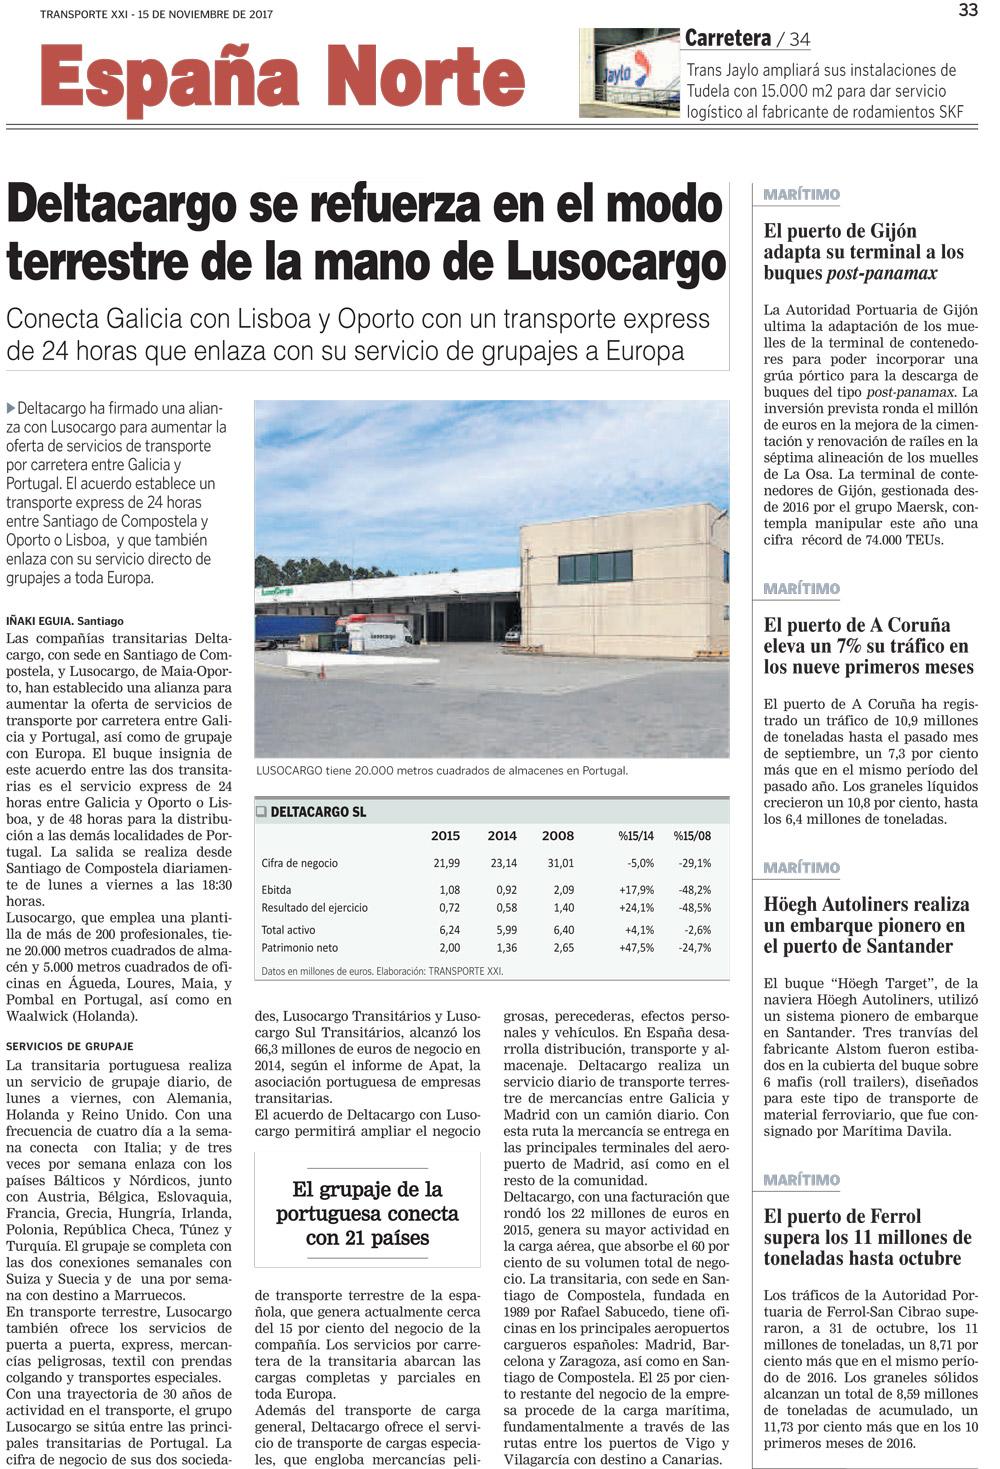 Servicio transporte terrestre a diario entre Galicia y Portugal